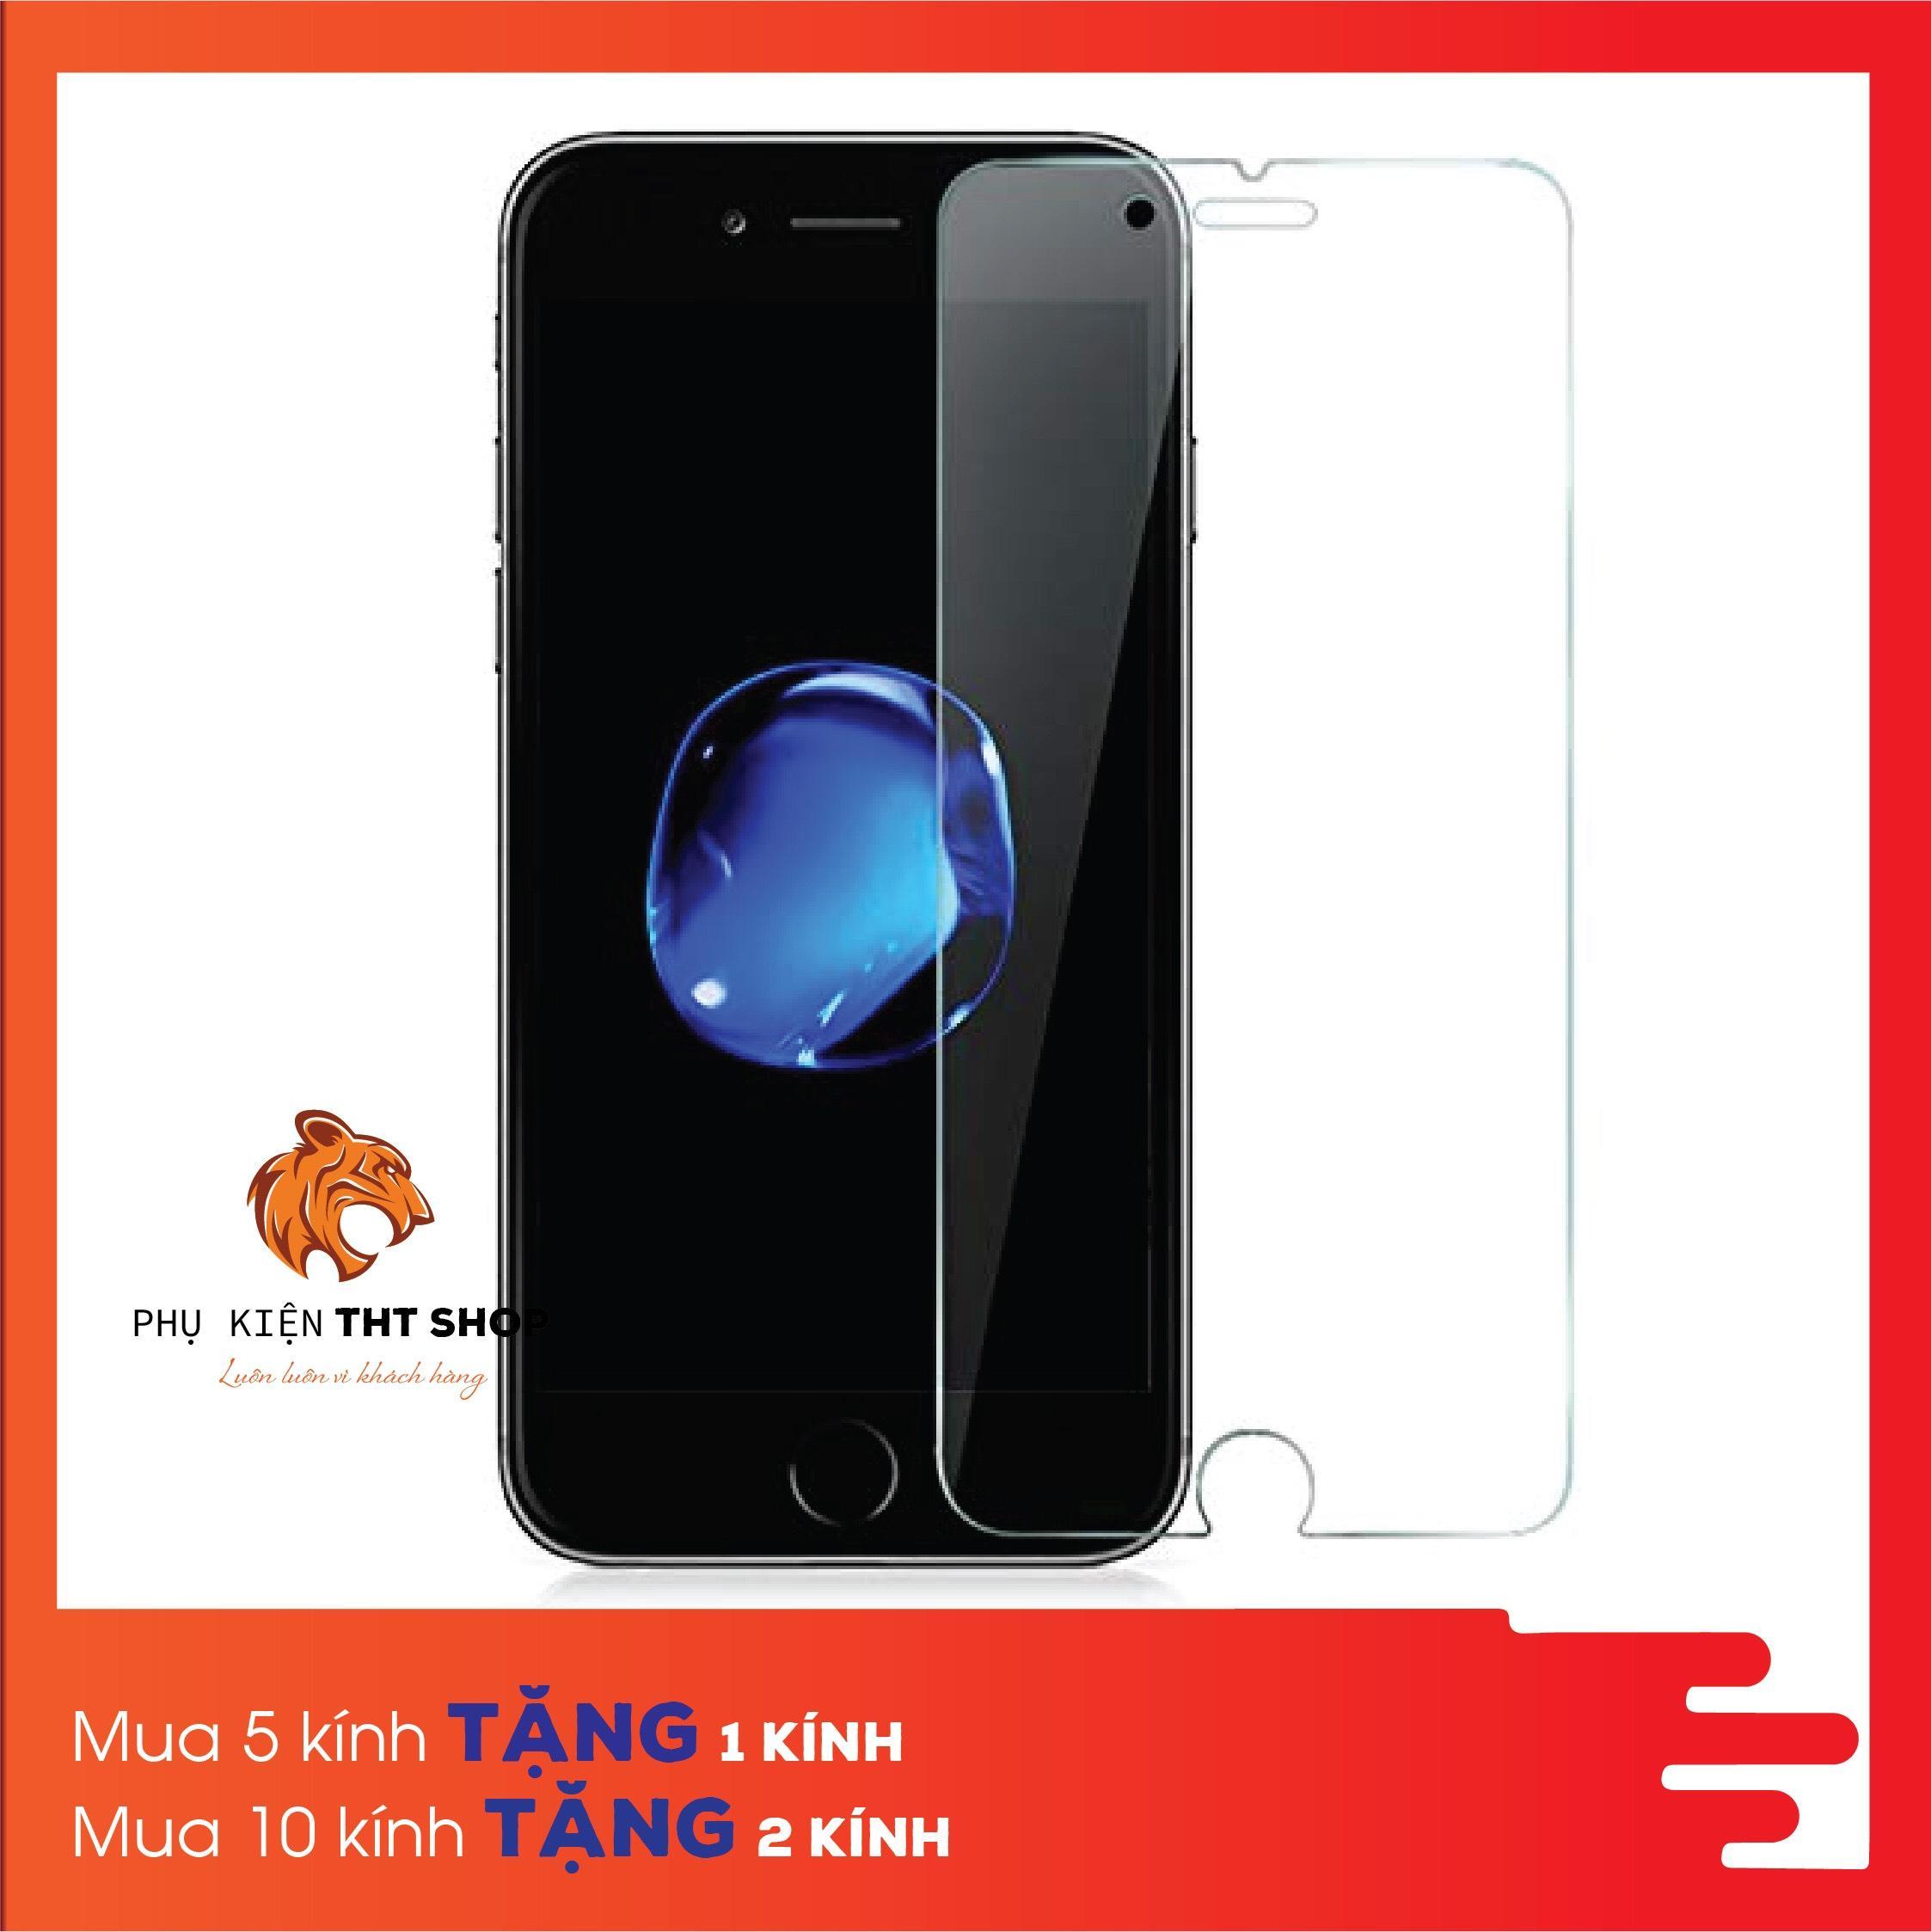 [Có Hộp + Giấy Lau] Kính Cường Lực Dành Cho Iphone 6 6S 6Plus 6Splus 7/8 7Plus/8Plus X/Xs Xsmax, Chống Va Đập Tốt, Thiết Kế Đẹp Tỉ Mỉ Giá Rẻ Nhất Thị Trường